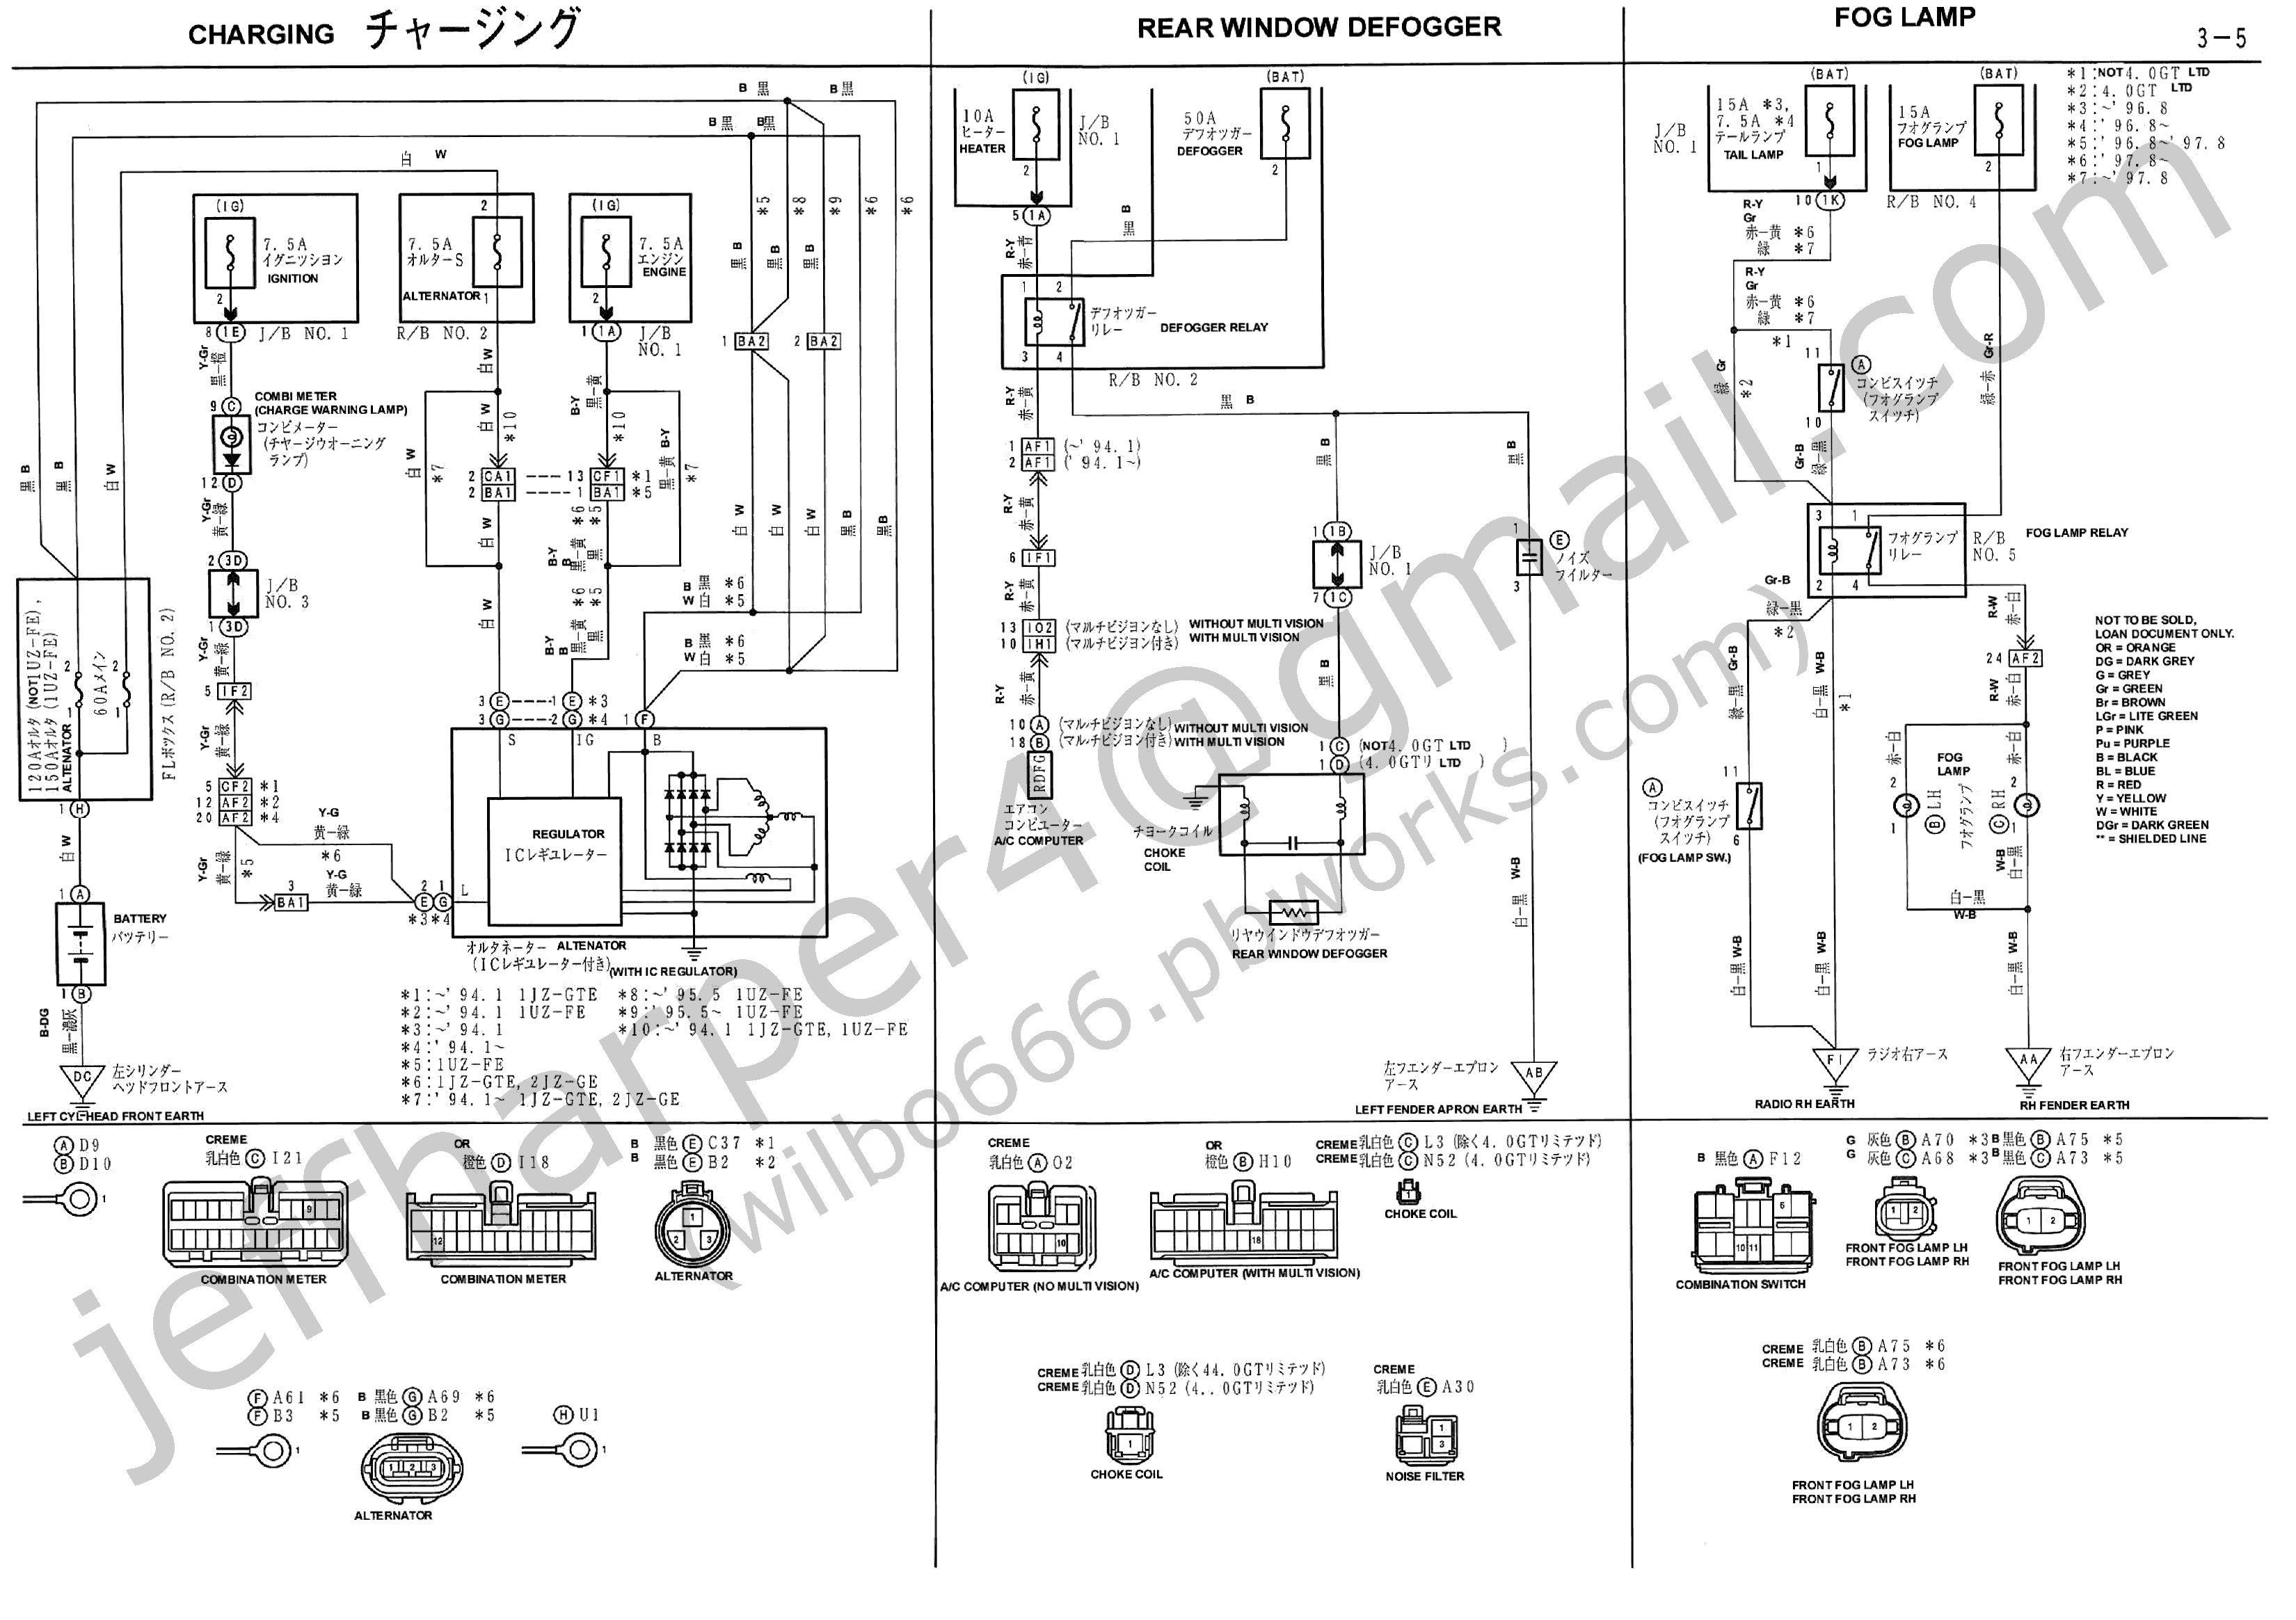 Engine Coolant Temperature Sensor Wiring Diagram in 2021